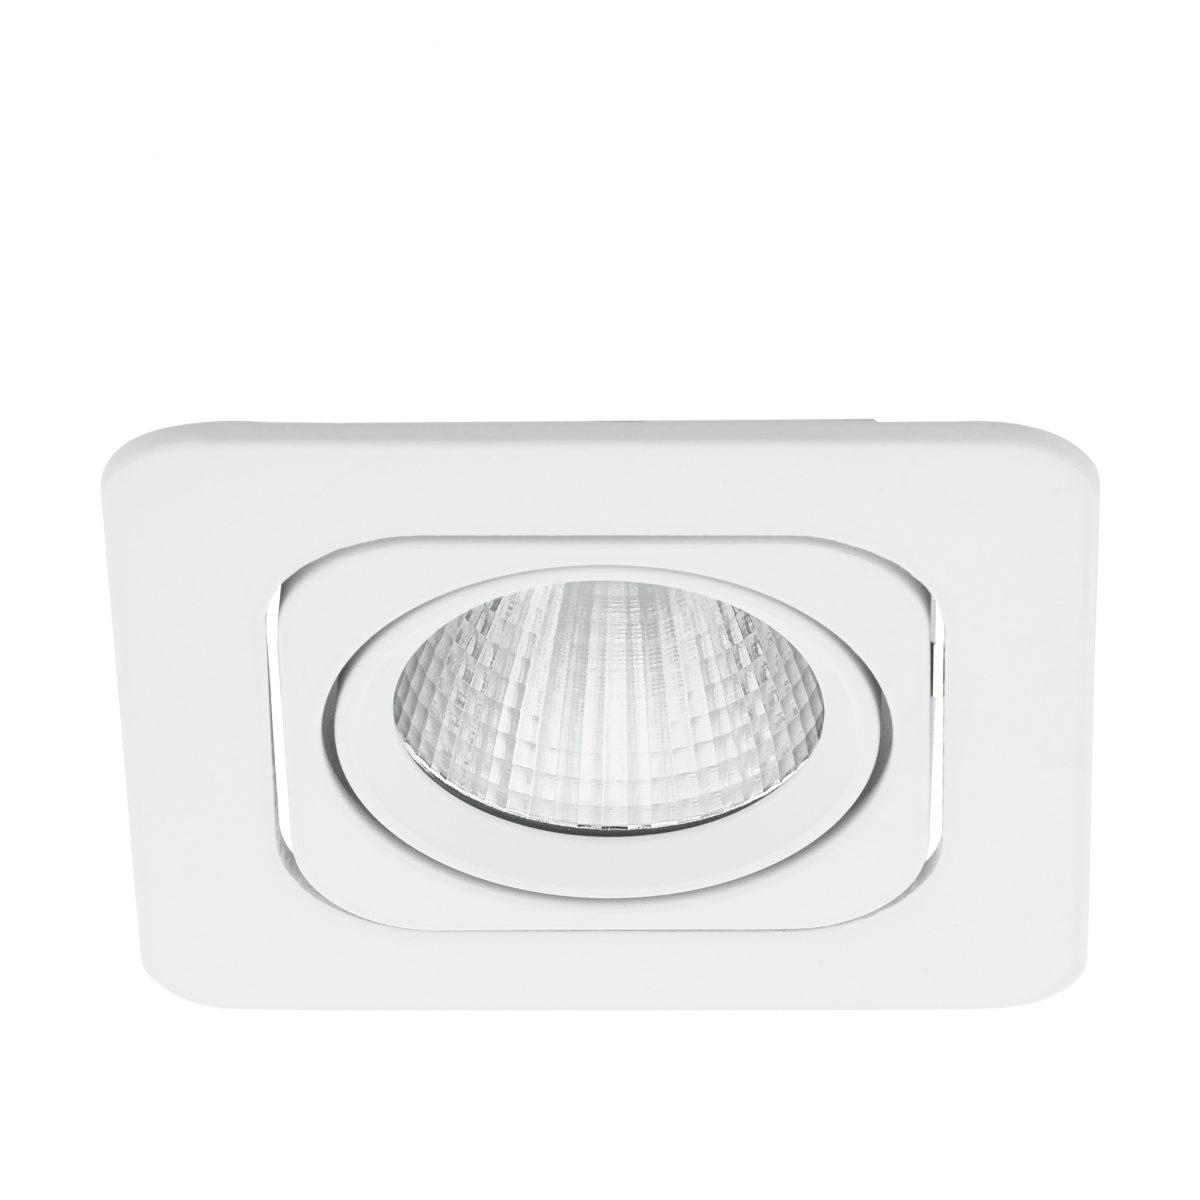 Светильник настенно-потолочный VASCELLO/PROFESSION EGLO 61631 - Фото №28